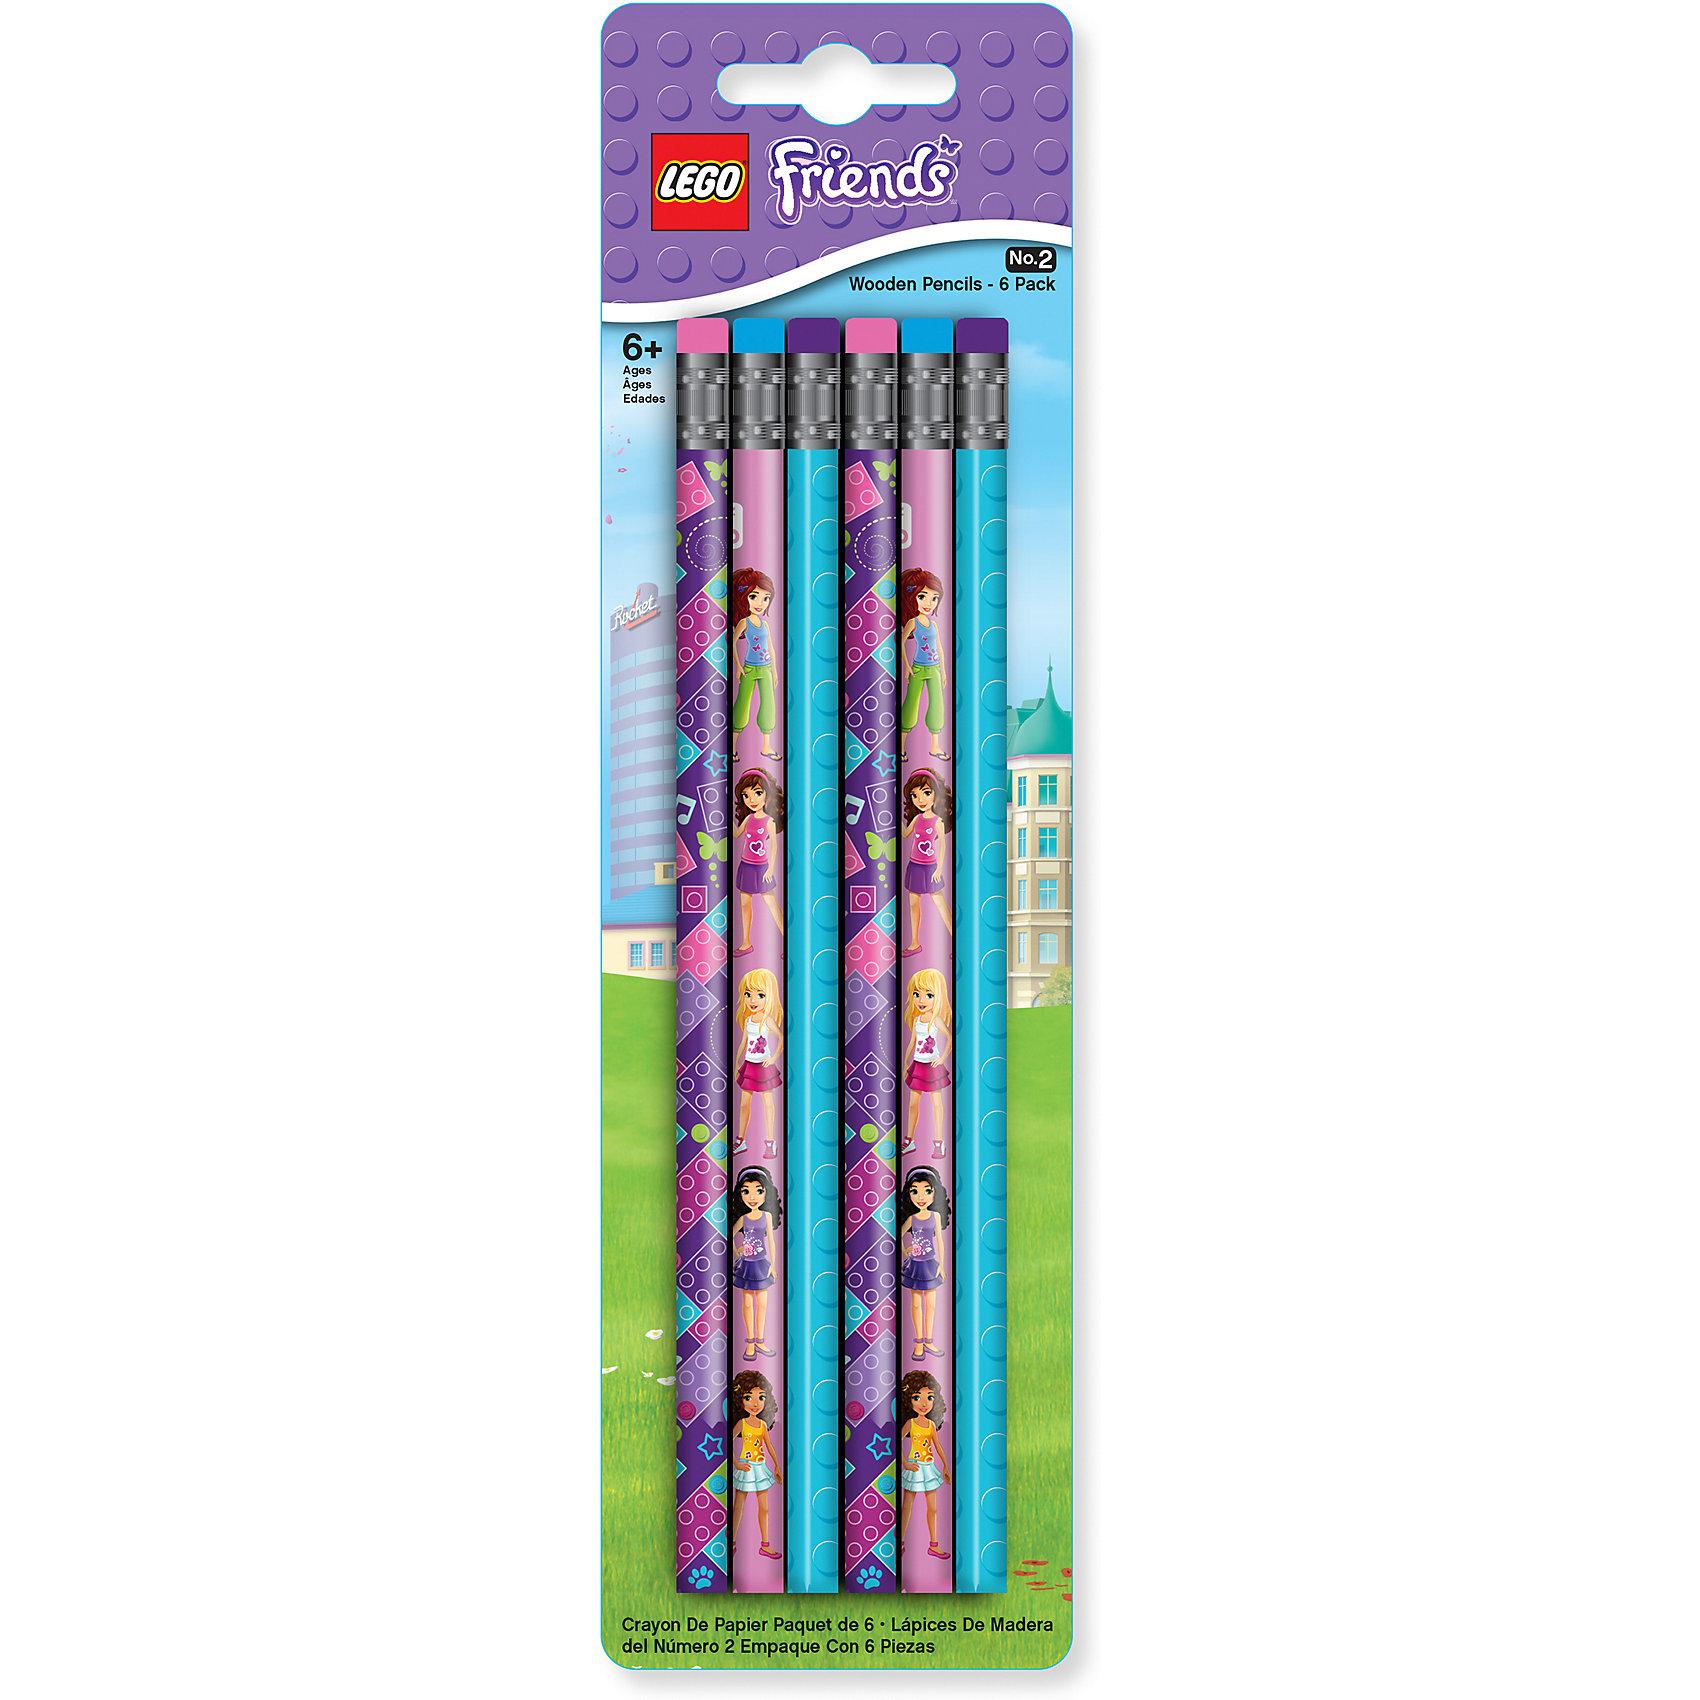 Набор карандашей, 6 шт., LEGOLEGO Товары для фанатов<br>Набор состоит из 6-ти карандашей с ластиком. Грифель карандашей твёрдо-мягкий.<br><br>Ширина мм: 245<br>Глубина мм: 71<br>Высота мм: 12<br>Вес г: 54<br>Возраст от месяцев: 60<br>Возраст до месяцев: 144<br>Пол: Женский<br>Возраст: Детский<br>SKU: 5087598